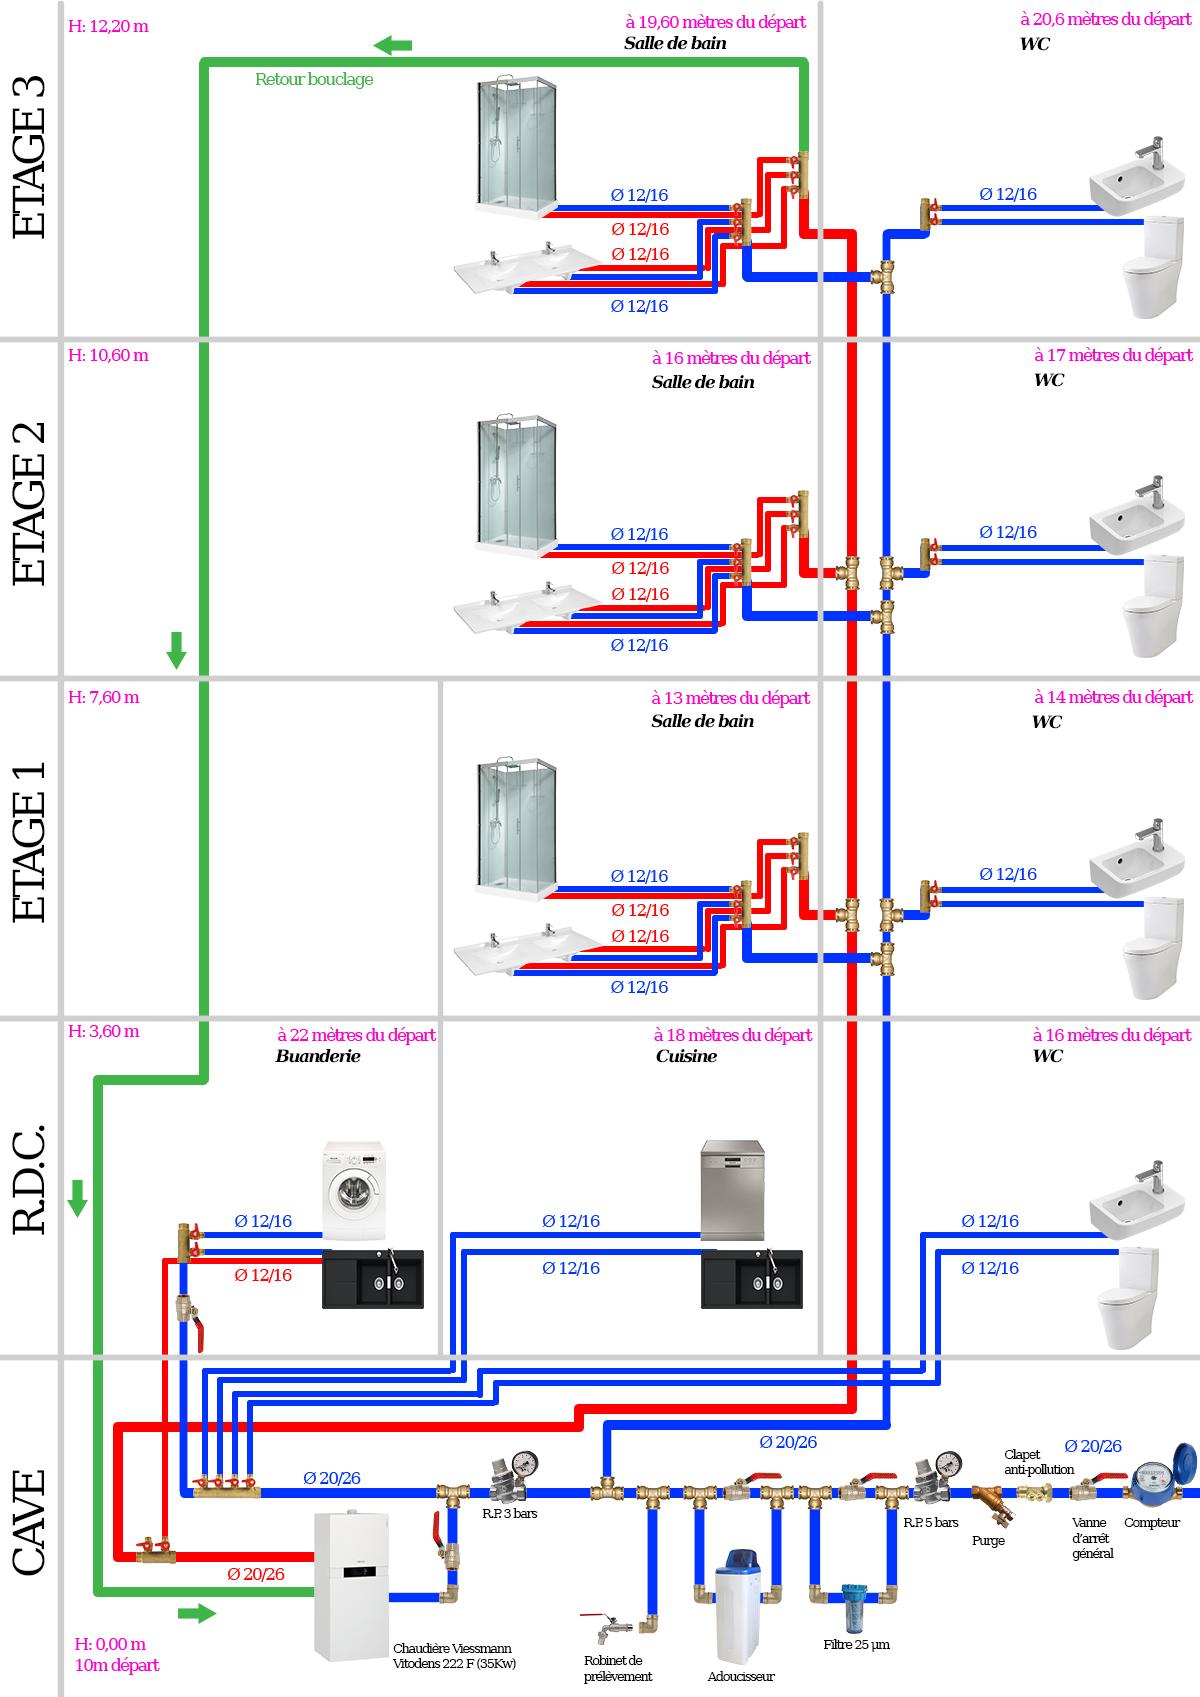 Plan installation-r.jpg, 762.3 kb, 1200 x 1697